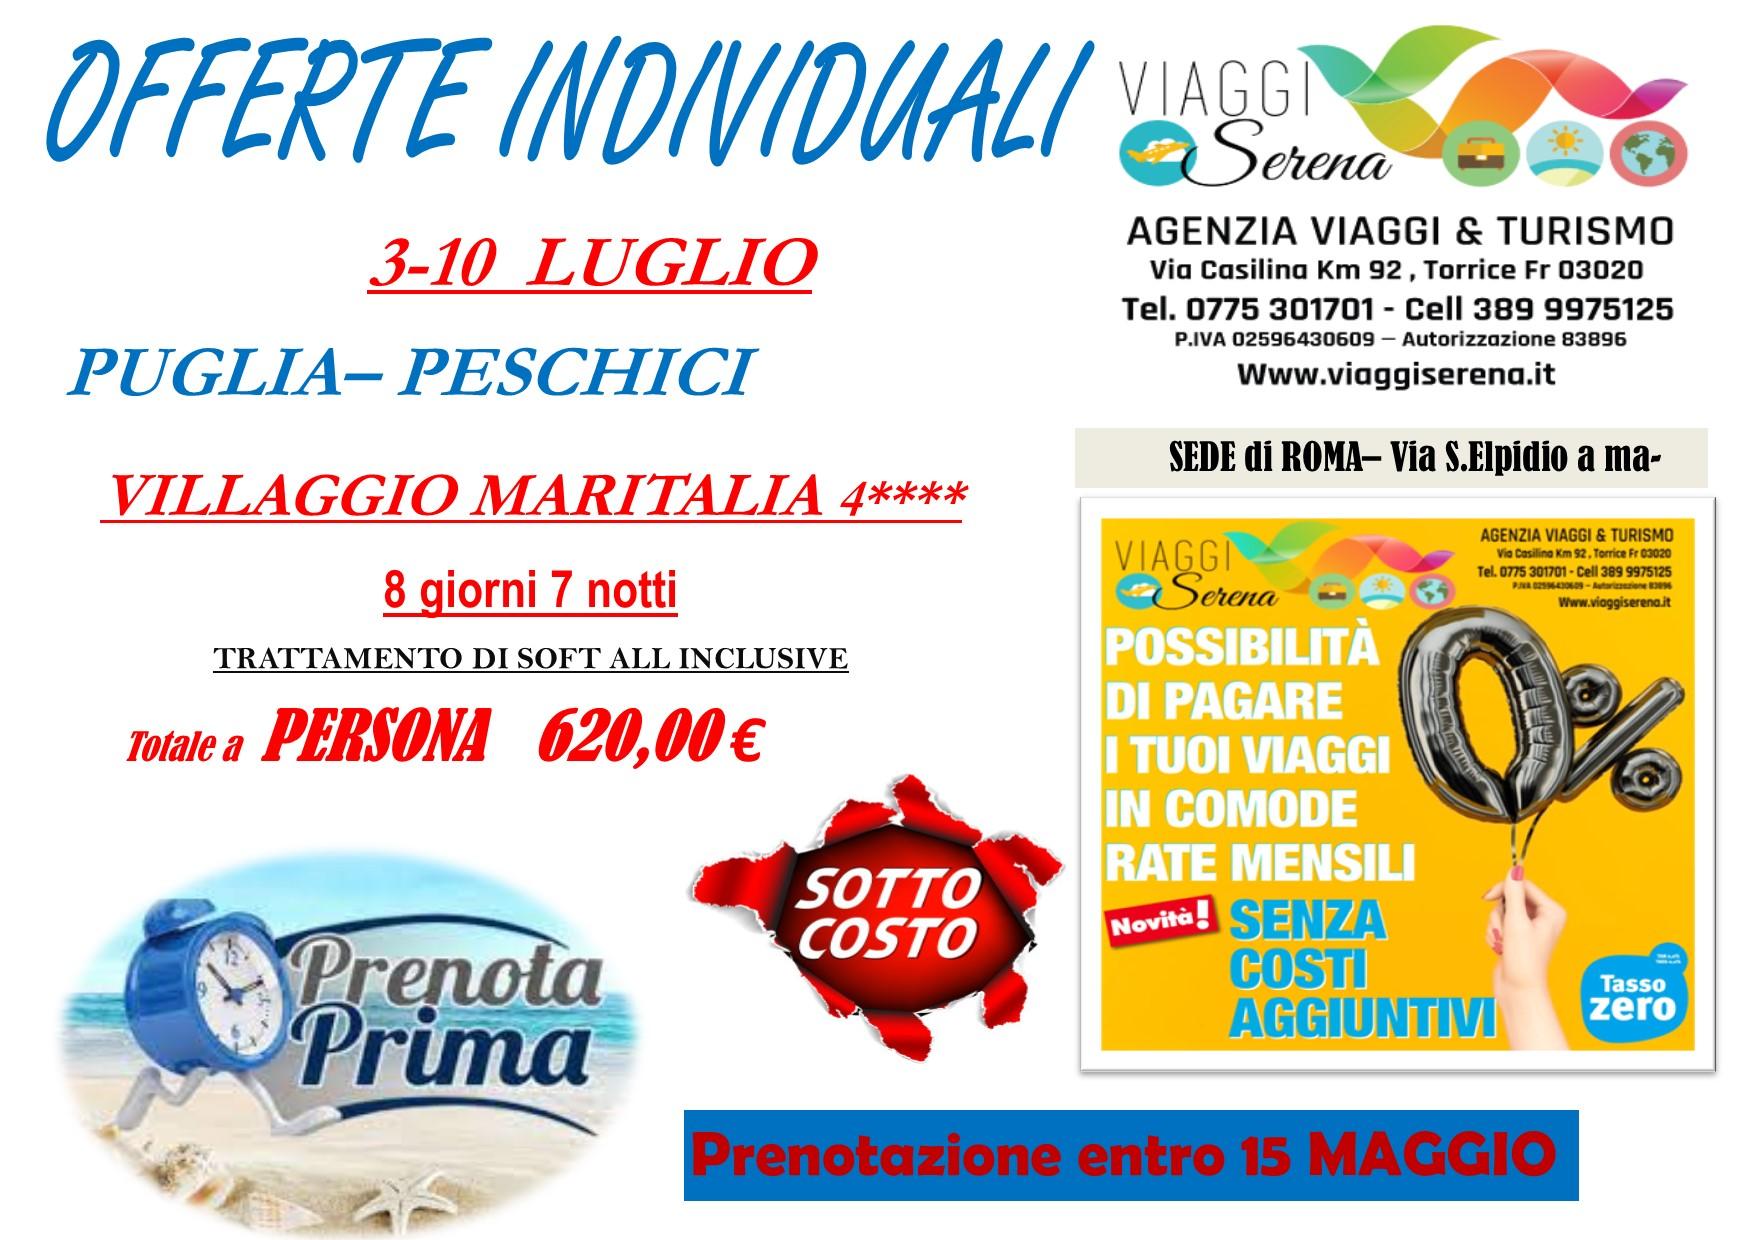 """Offerte Individuali : soggiorno mare con """"prenota prima"""" Puglia-Peschici!!!"""